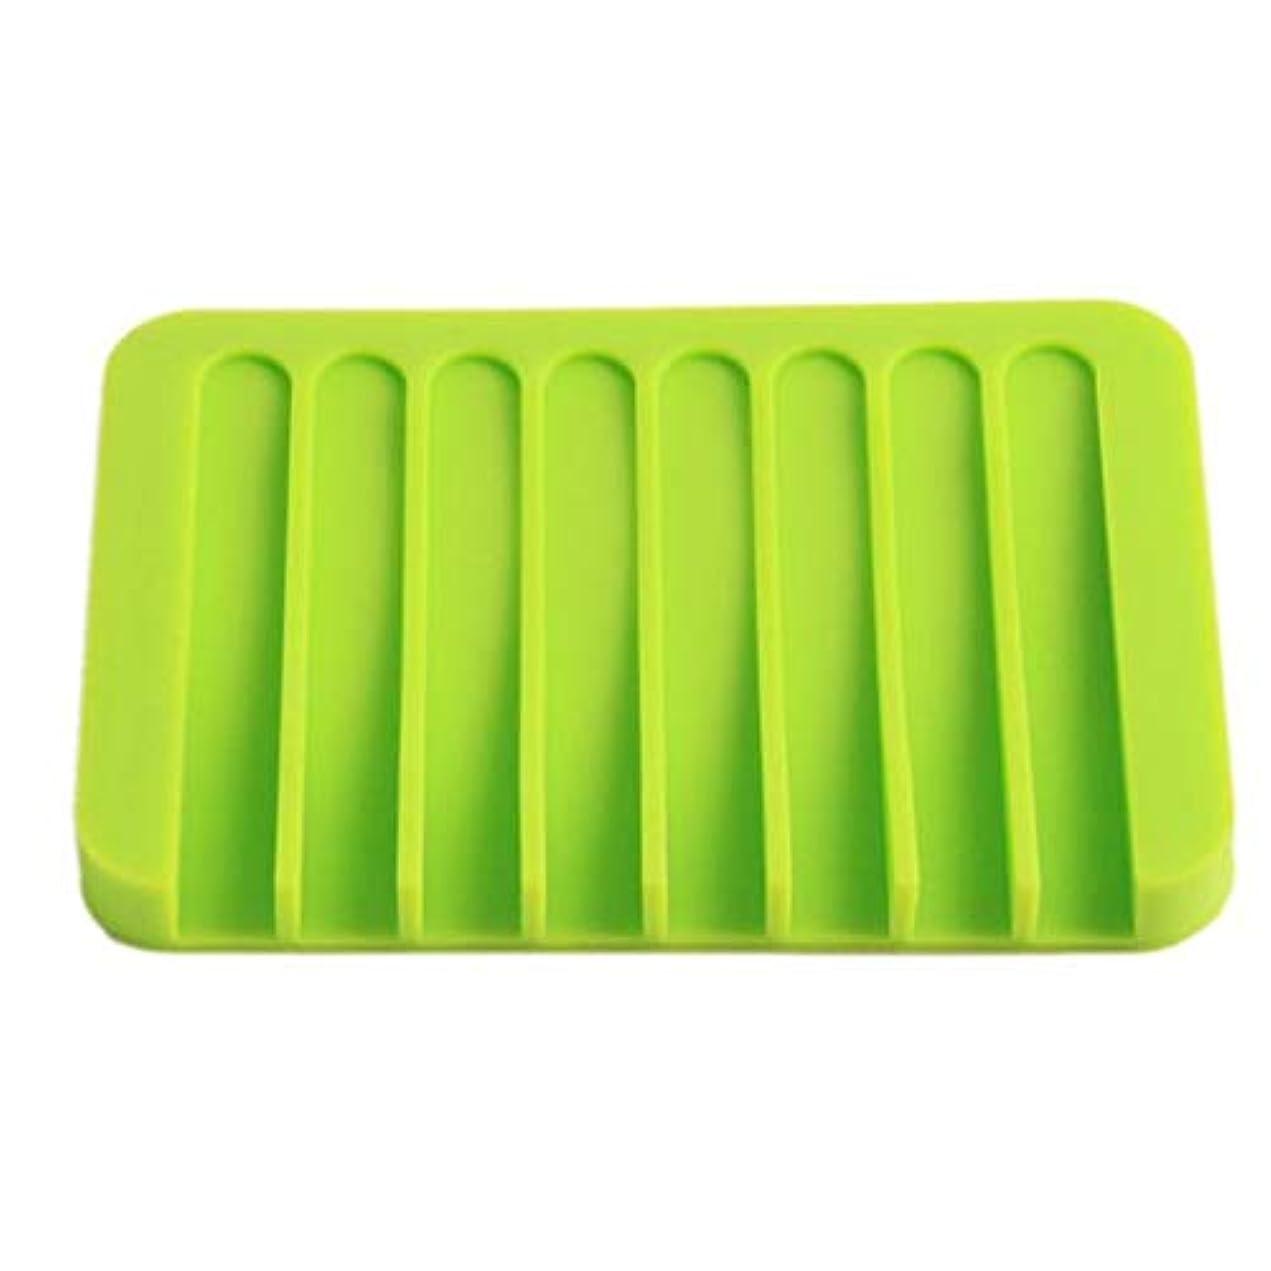 またはどこでも蛇行Onior プレミアム品質のシリコーン浴室柔軟な石鹸皿ソープホルダー収納ソープボックスプレートトレイ排水、グリーン